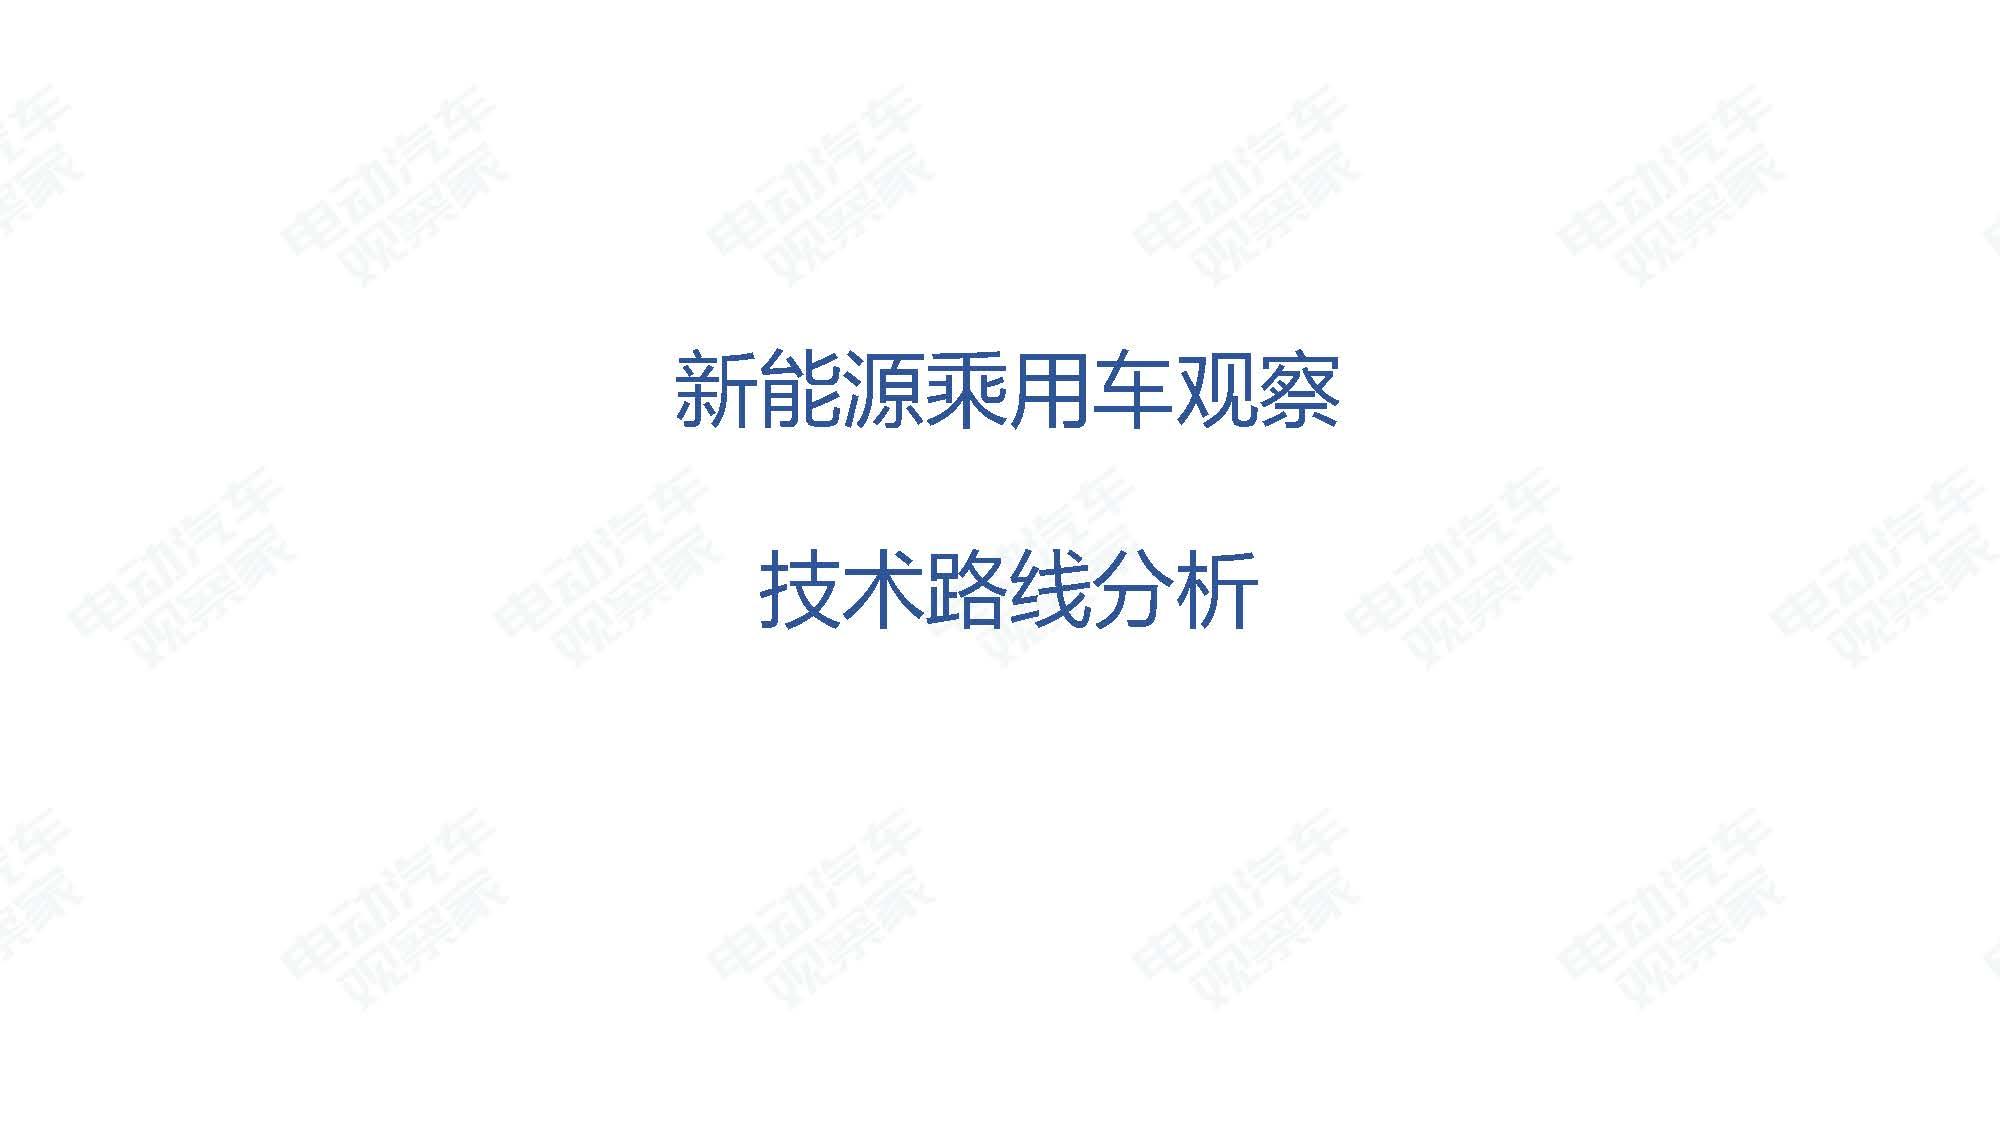 2019年11月中国新能源汽车产业观察_页面_030